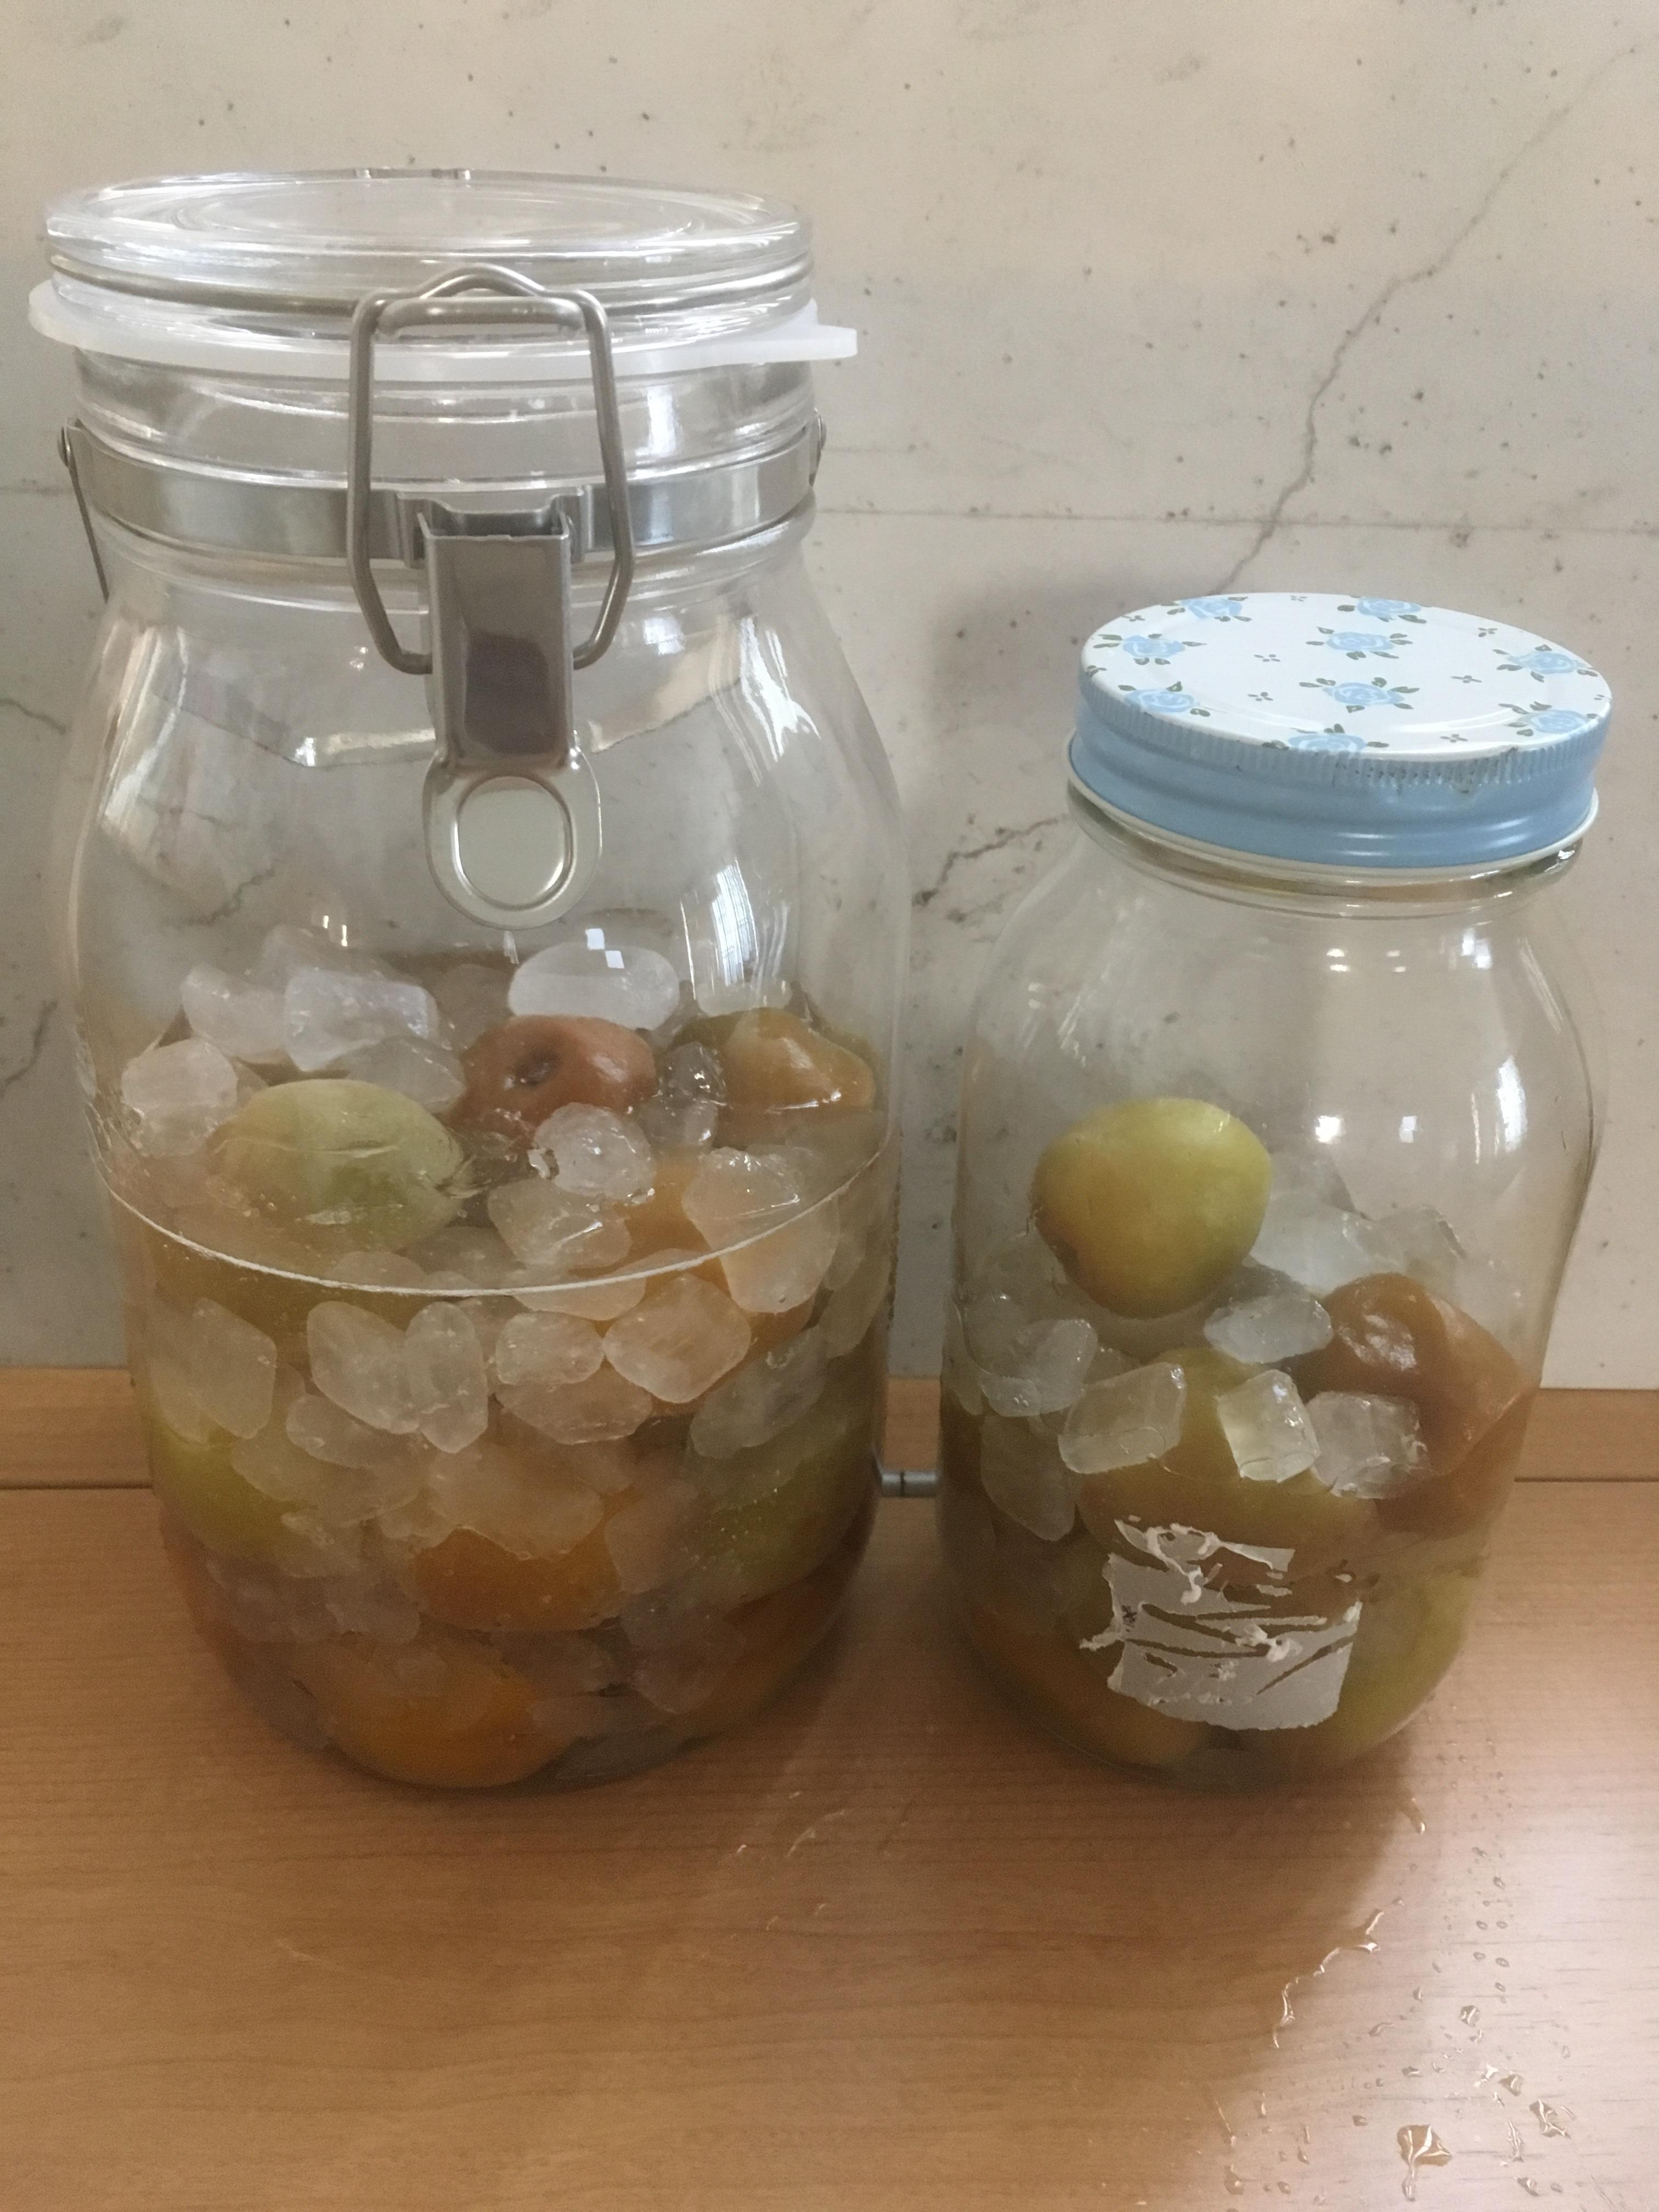 梅シロップ作り 2l容器と100均の瓶